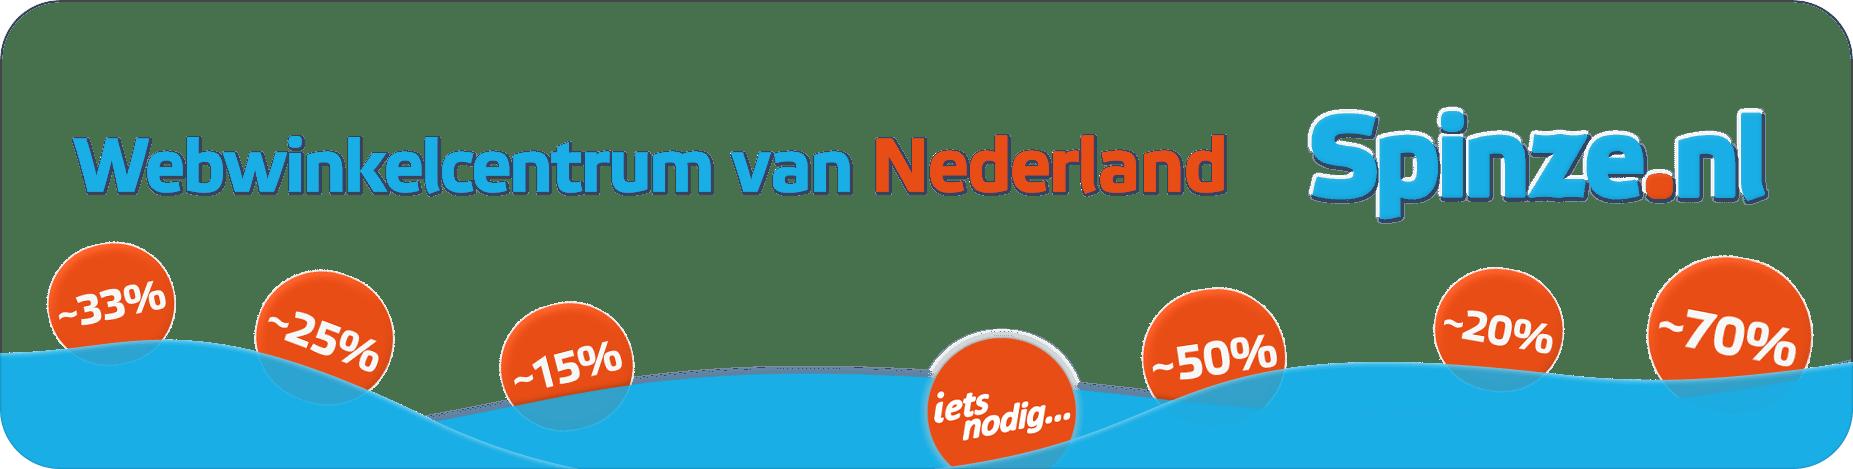 Spinze.nl ~ Webwinkelcentrum van Nederland homepage ~ Webwinkels